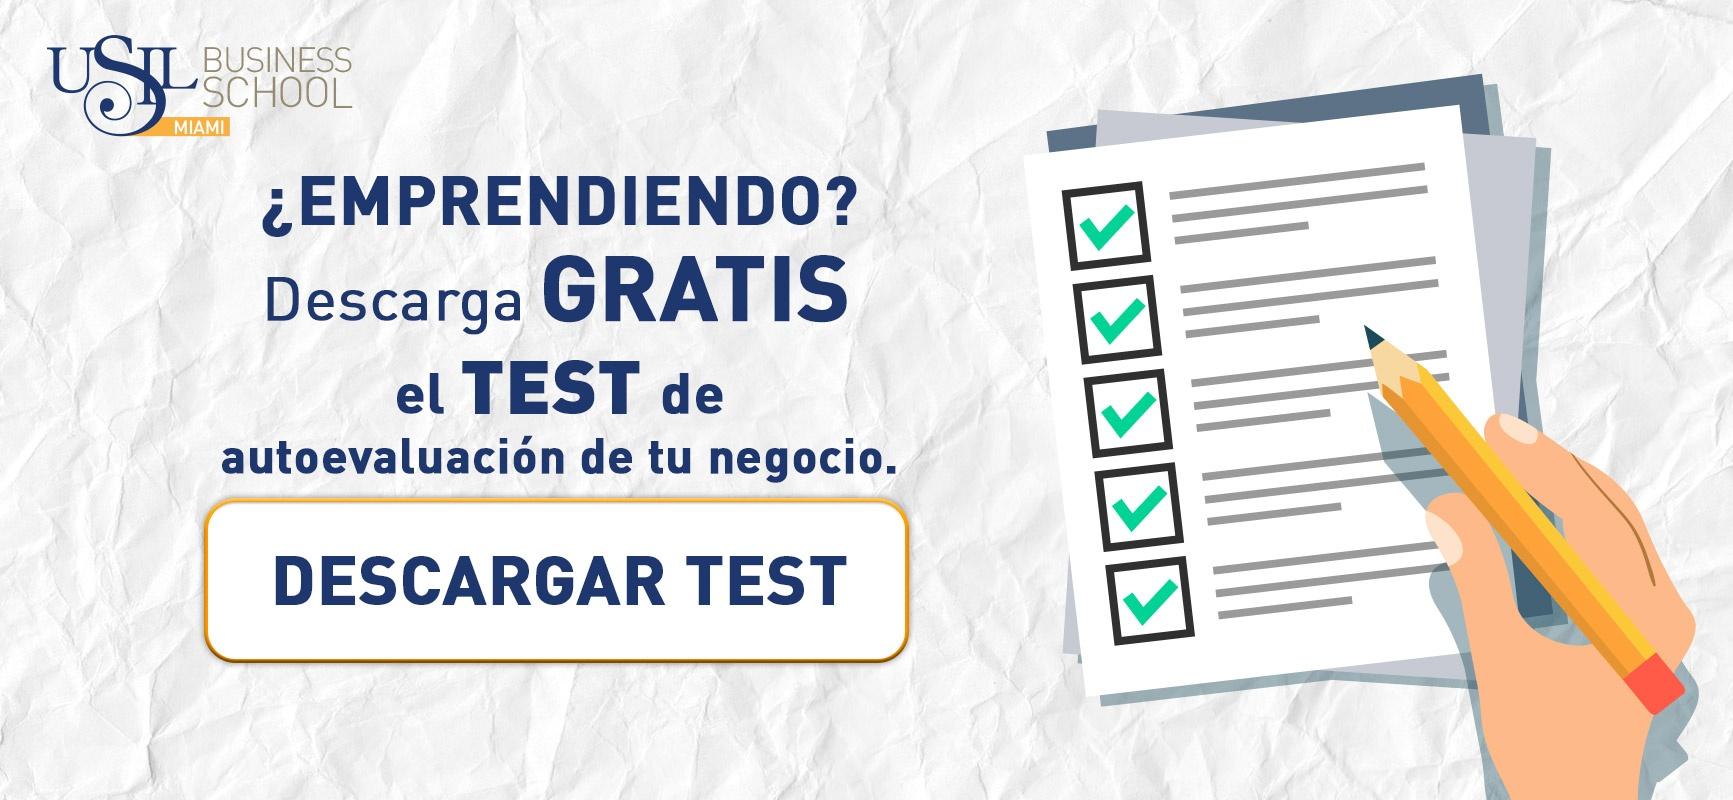 acceso al test de emprendimiento